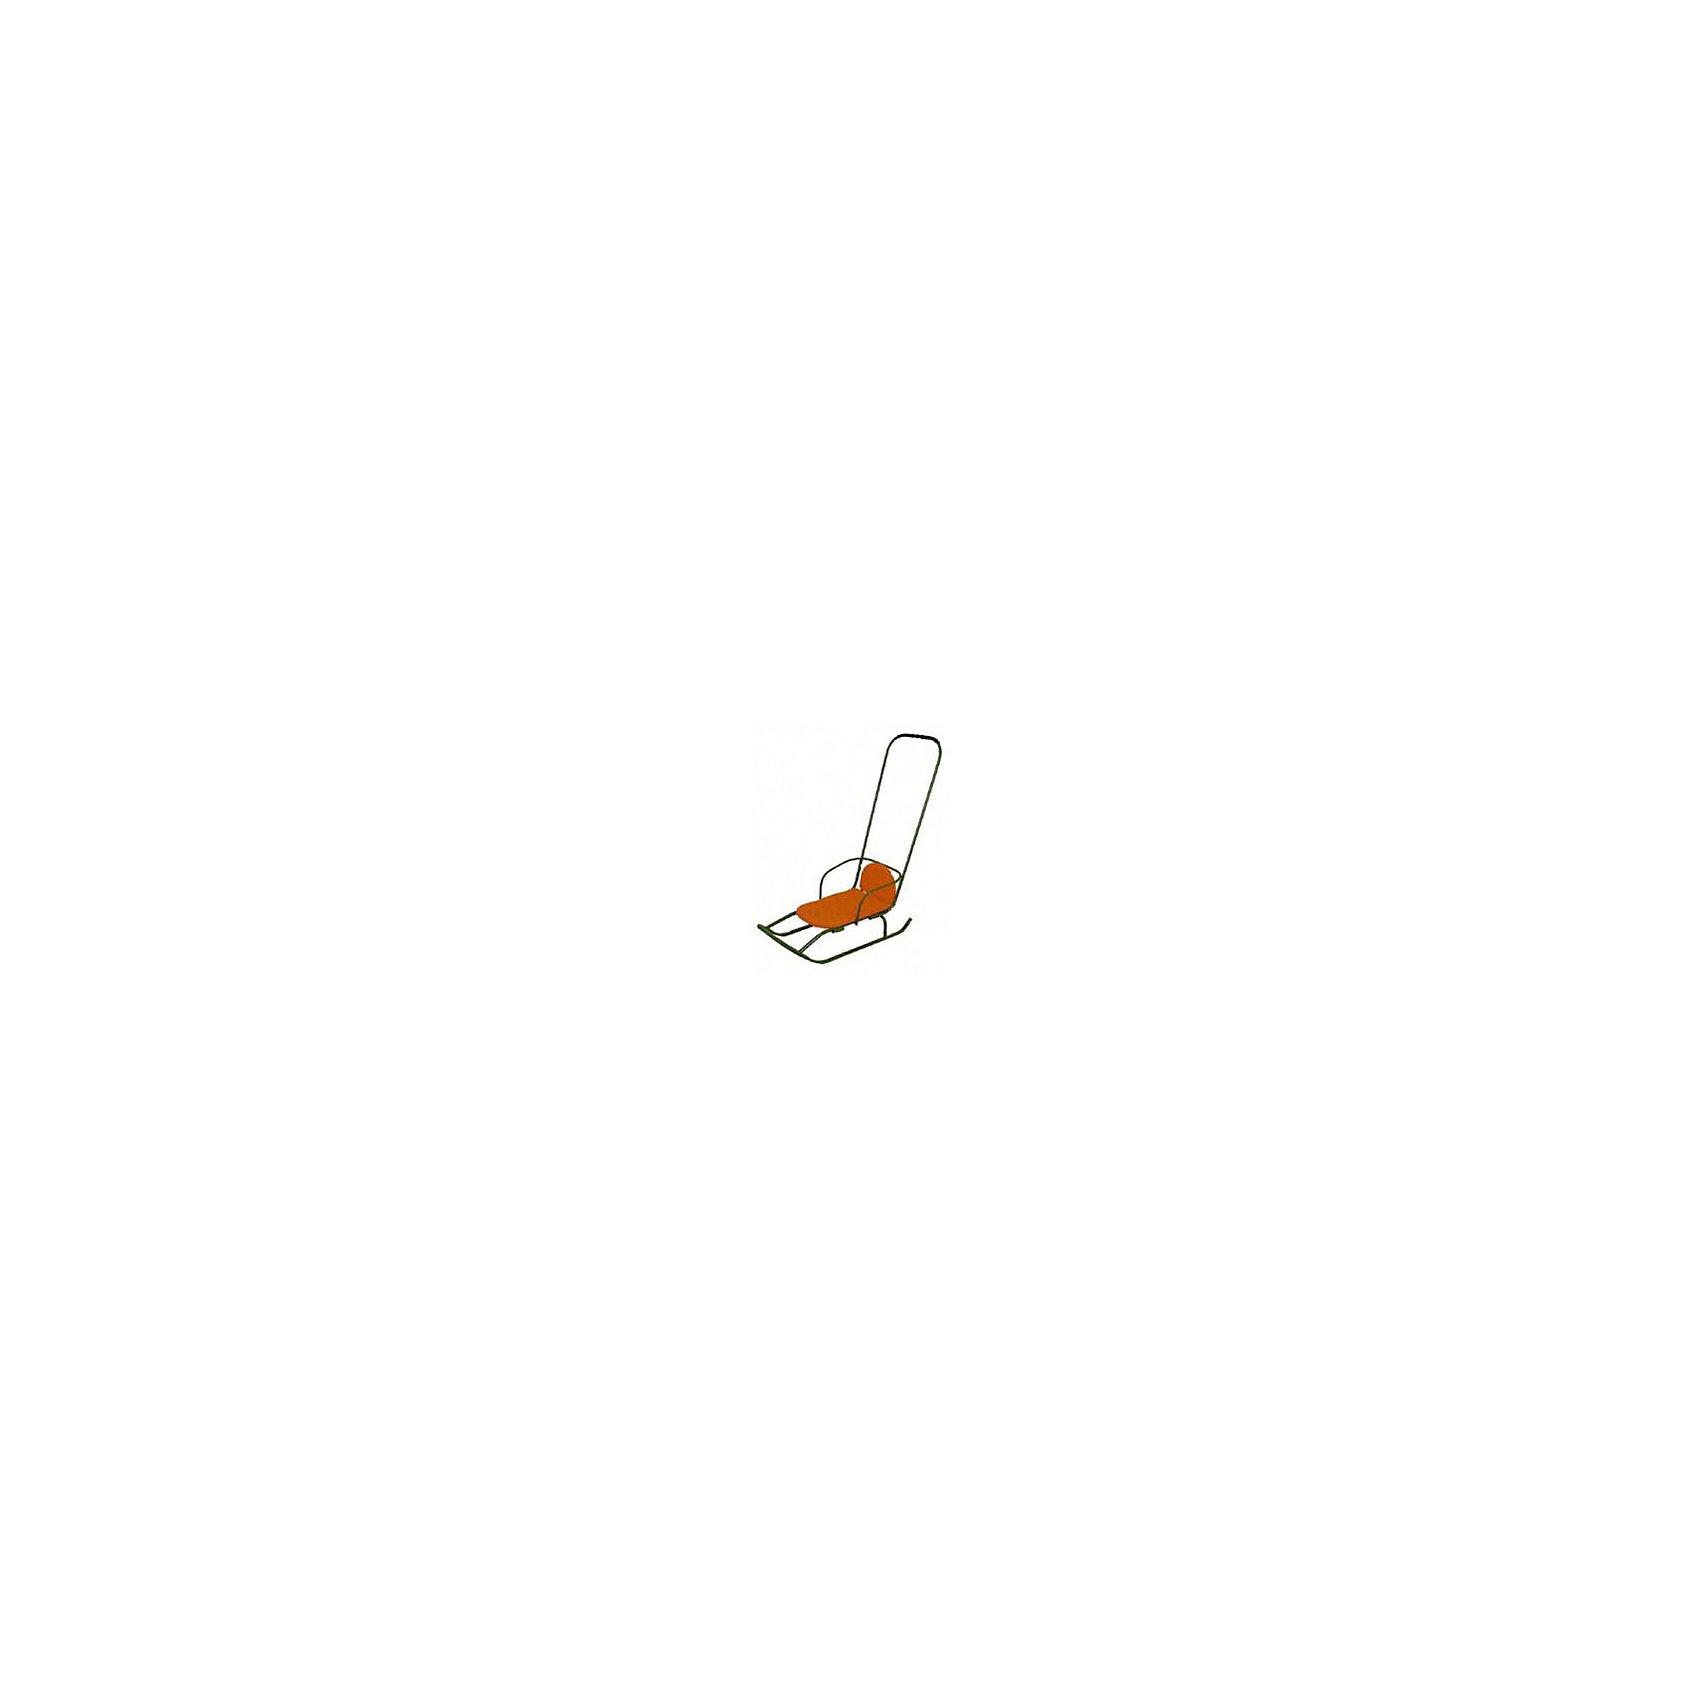 Санки Метеор Супер ЛюксСанки и снегокаты<br>Санки Метеор Супер Люкс произведены отечественным торговым брендом Фея. Санки выполнены в классическом исполнении: металлический каркас, подножка, широкие плоские полозья, которые обеспечивают удобство, безопасность и устойчивость при движении. Сидение и спинка выполнены из деревянных окрашенных реек. Сани укомплектованы перекидной ручкой. Спинка у санок съемная. Детские санки окрашены в яркие цвета. В комплекте имеется прочный шнур.<br><br>Дополнительная информация:<br><br>- Предназначение: для зимних прогулок<br>- Материал: металл, дерево<br>- Пол: для мальчика/для девочки<br>- Максимальный вес: 50 кг<br>- Цвет: в ассортименте<br>- Размер (Д*Ш*В): 80*91*40 см<br>- Вес: 3 кг 500 г<br>- Особенности ухода: можно протирать влажной губкой<br><br>Подробнее:<br><br>• Для детей в возрасте: от 10 месяцев и до 24 месяцев<br>• Страна производитель: Россия<br>• Торговый бренд: Фея<br><br>Санки Метеор Супер Люкс можно купить в нашем интернет-магазине.<br><br>Ширина мм: 800<br>Глубина мм: 910<br>Высота мм: 400<br>Вес г: 3500<br>Возраст от месяцев: 10<br>Возраст до месяцев: 12<br>Пол: Унисекс<br>Возраст: Детский<br>SKU: 4936380